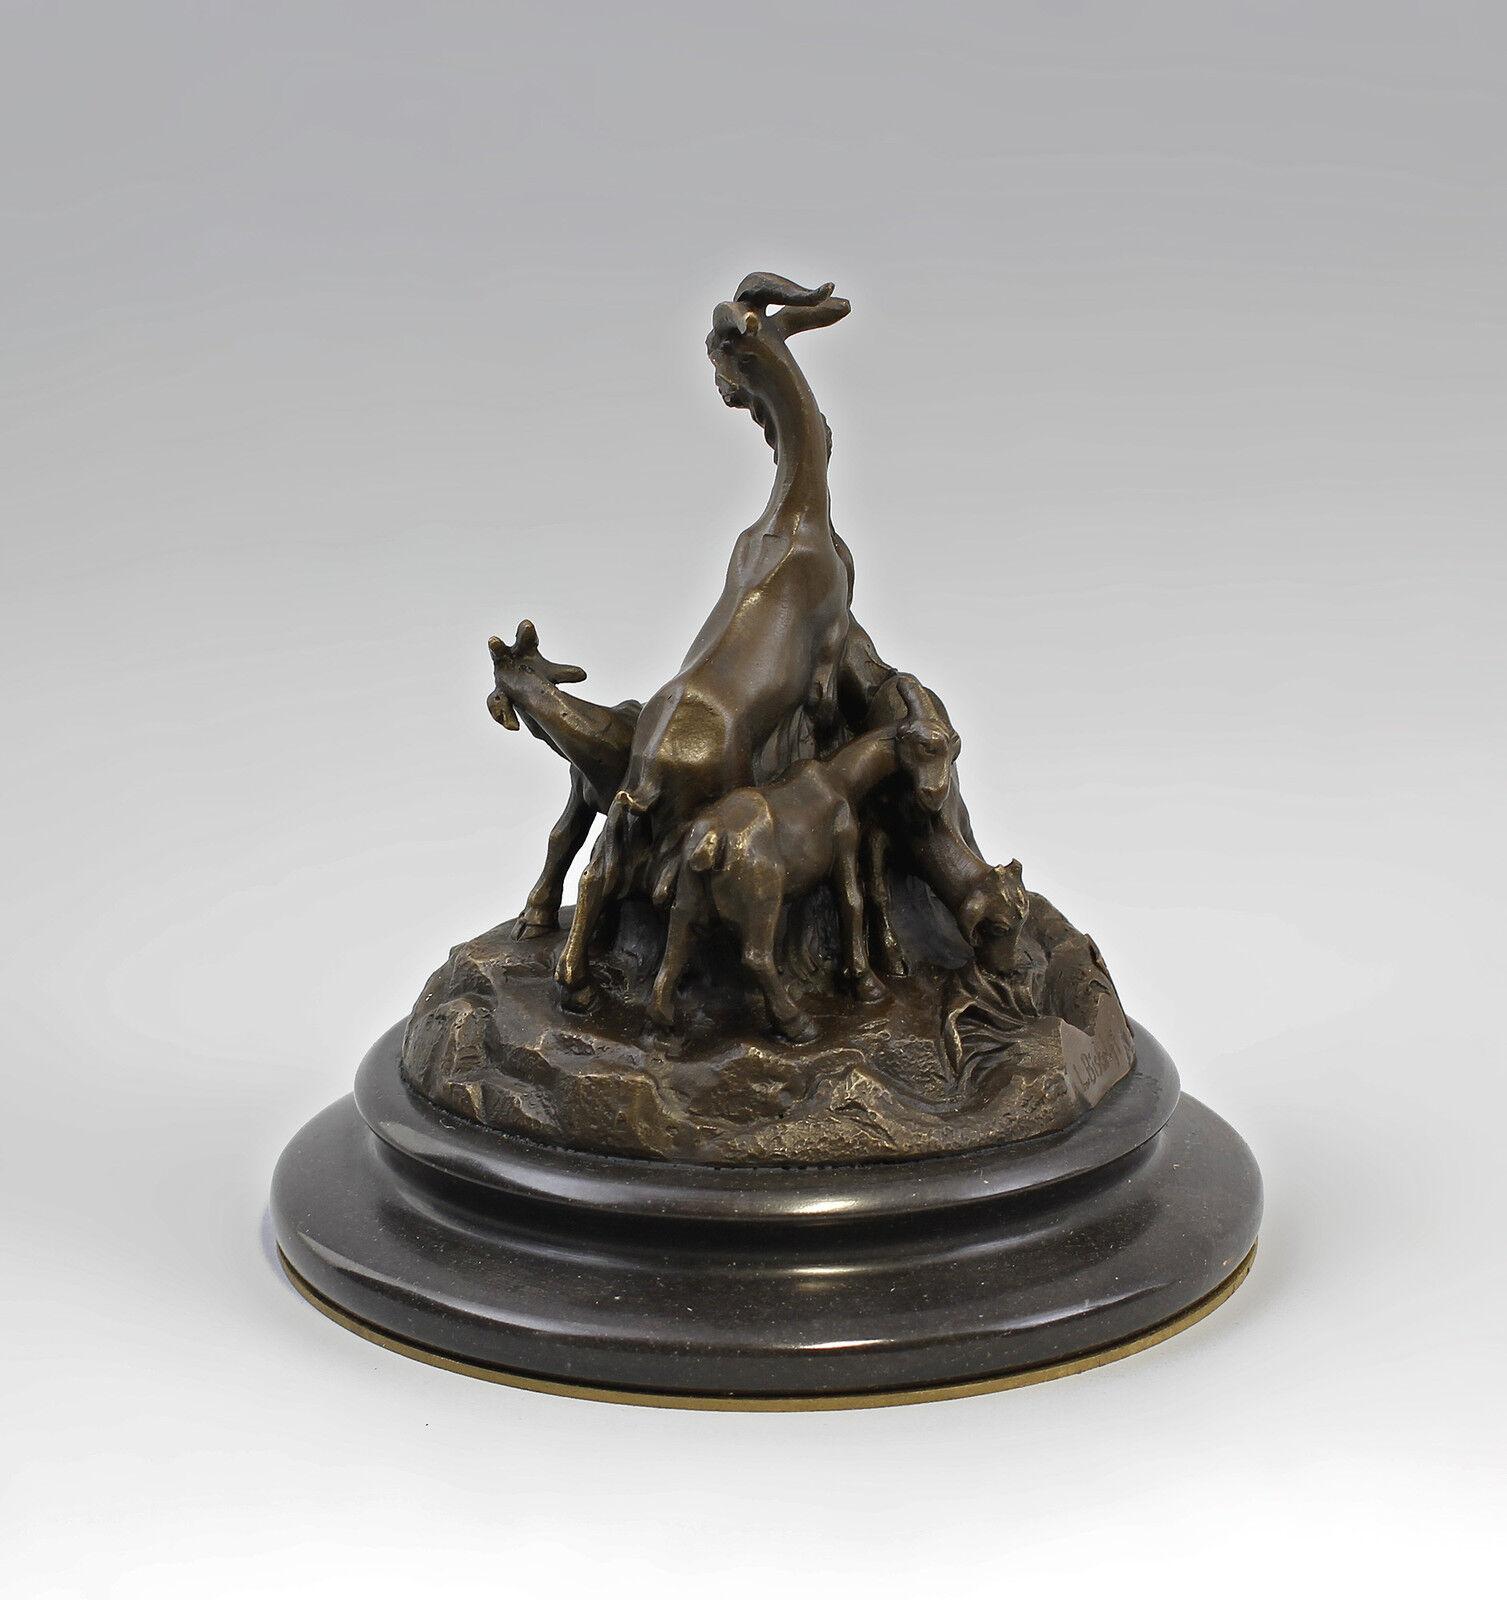 9937938 bronze sculpture personnage chèvres groupe chèvre bouc sign. sign. sign. Bistolfi h17cm | Exquis  | La Mise à Jour De Style  | Spécial Acheter  bf343b